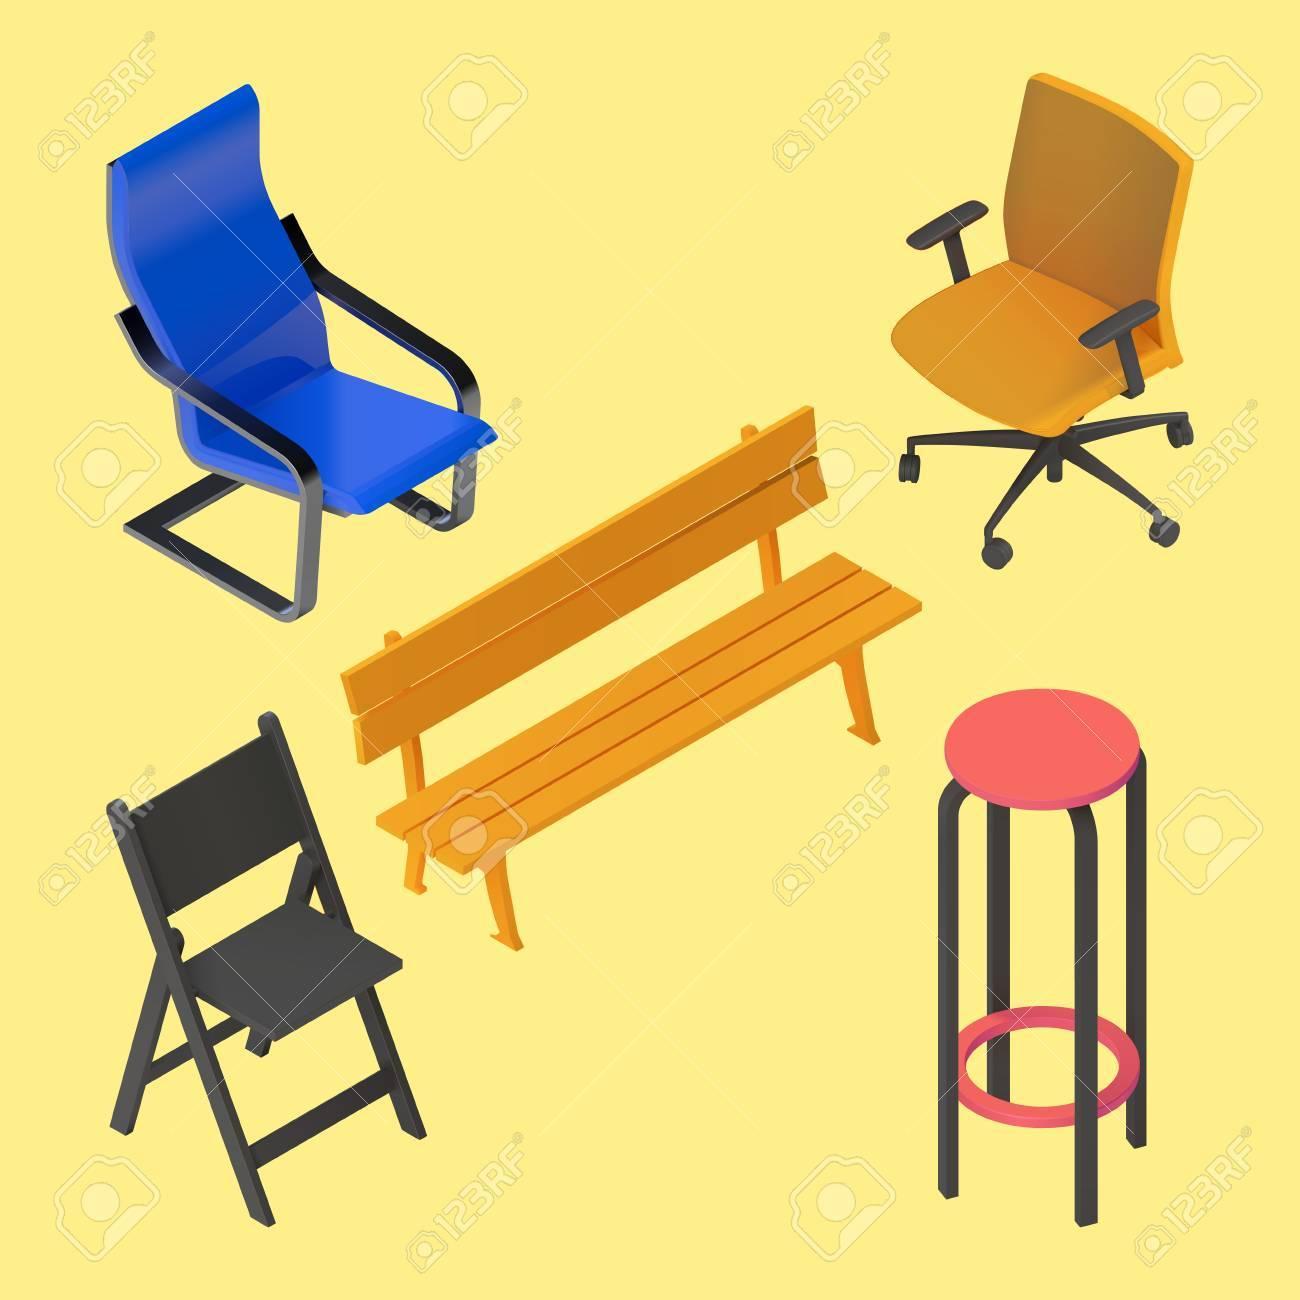 Silla, Sillón, Taburete, Banco, Muebles Vectorial Conjunto ...